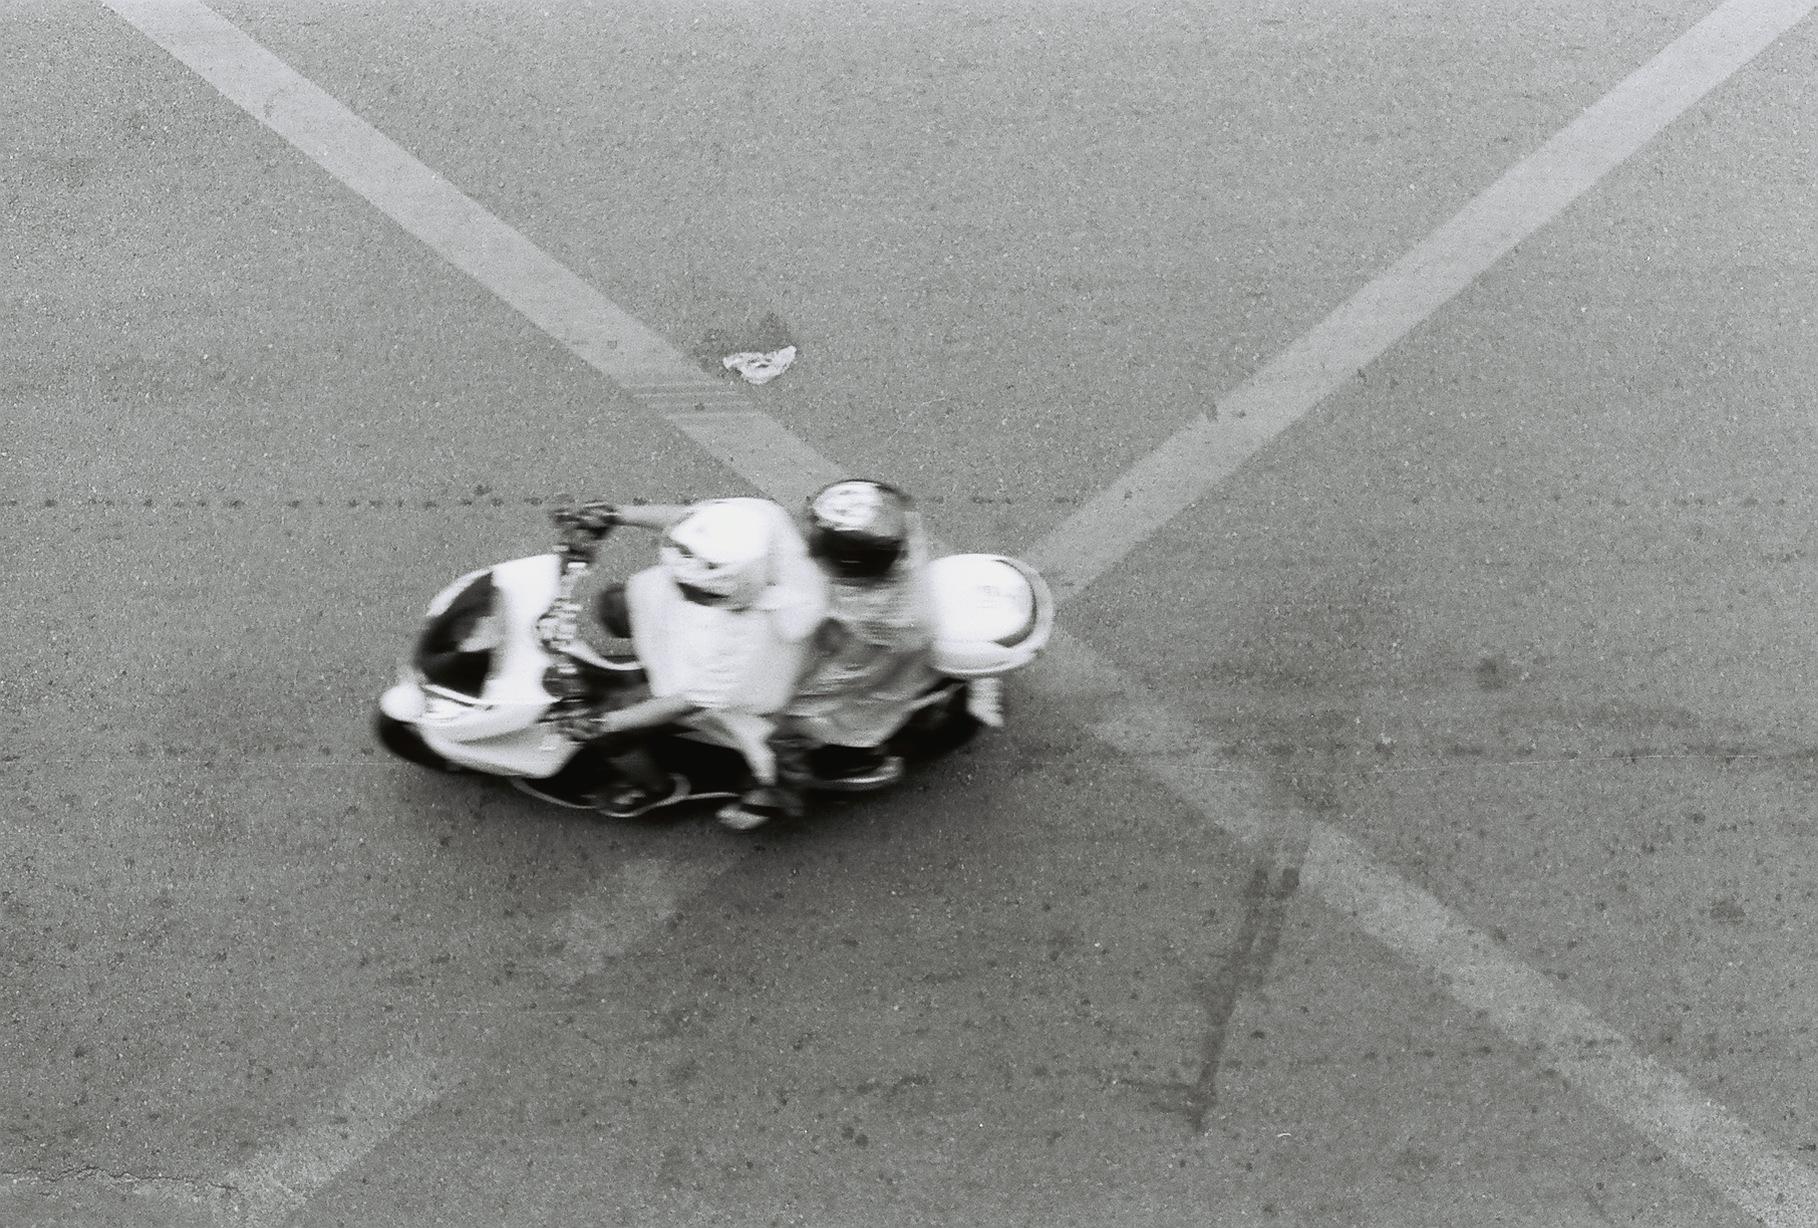 1993018-R2-E060.jpg